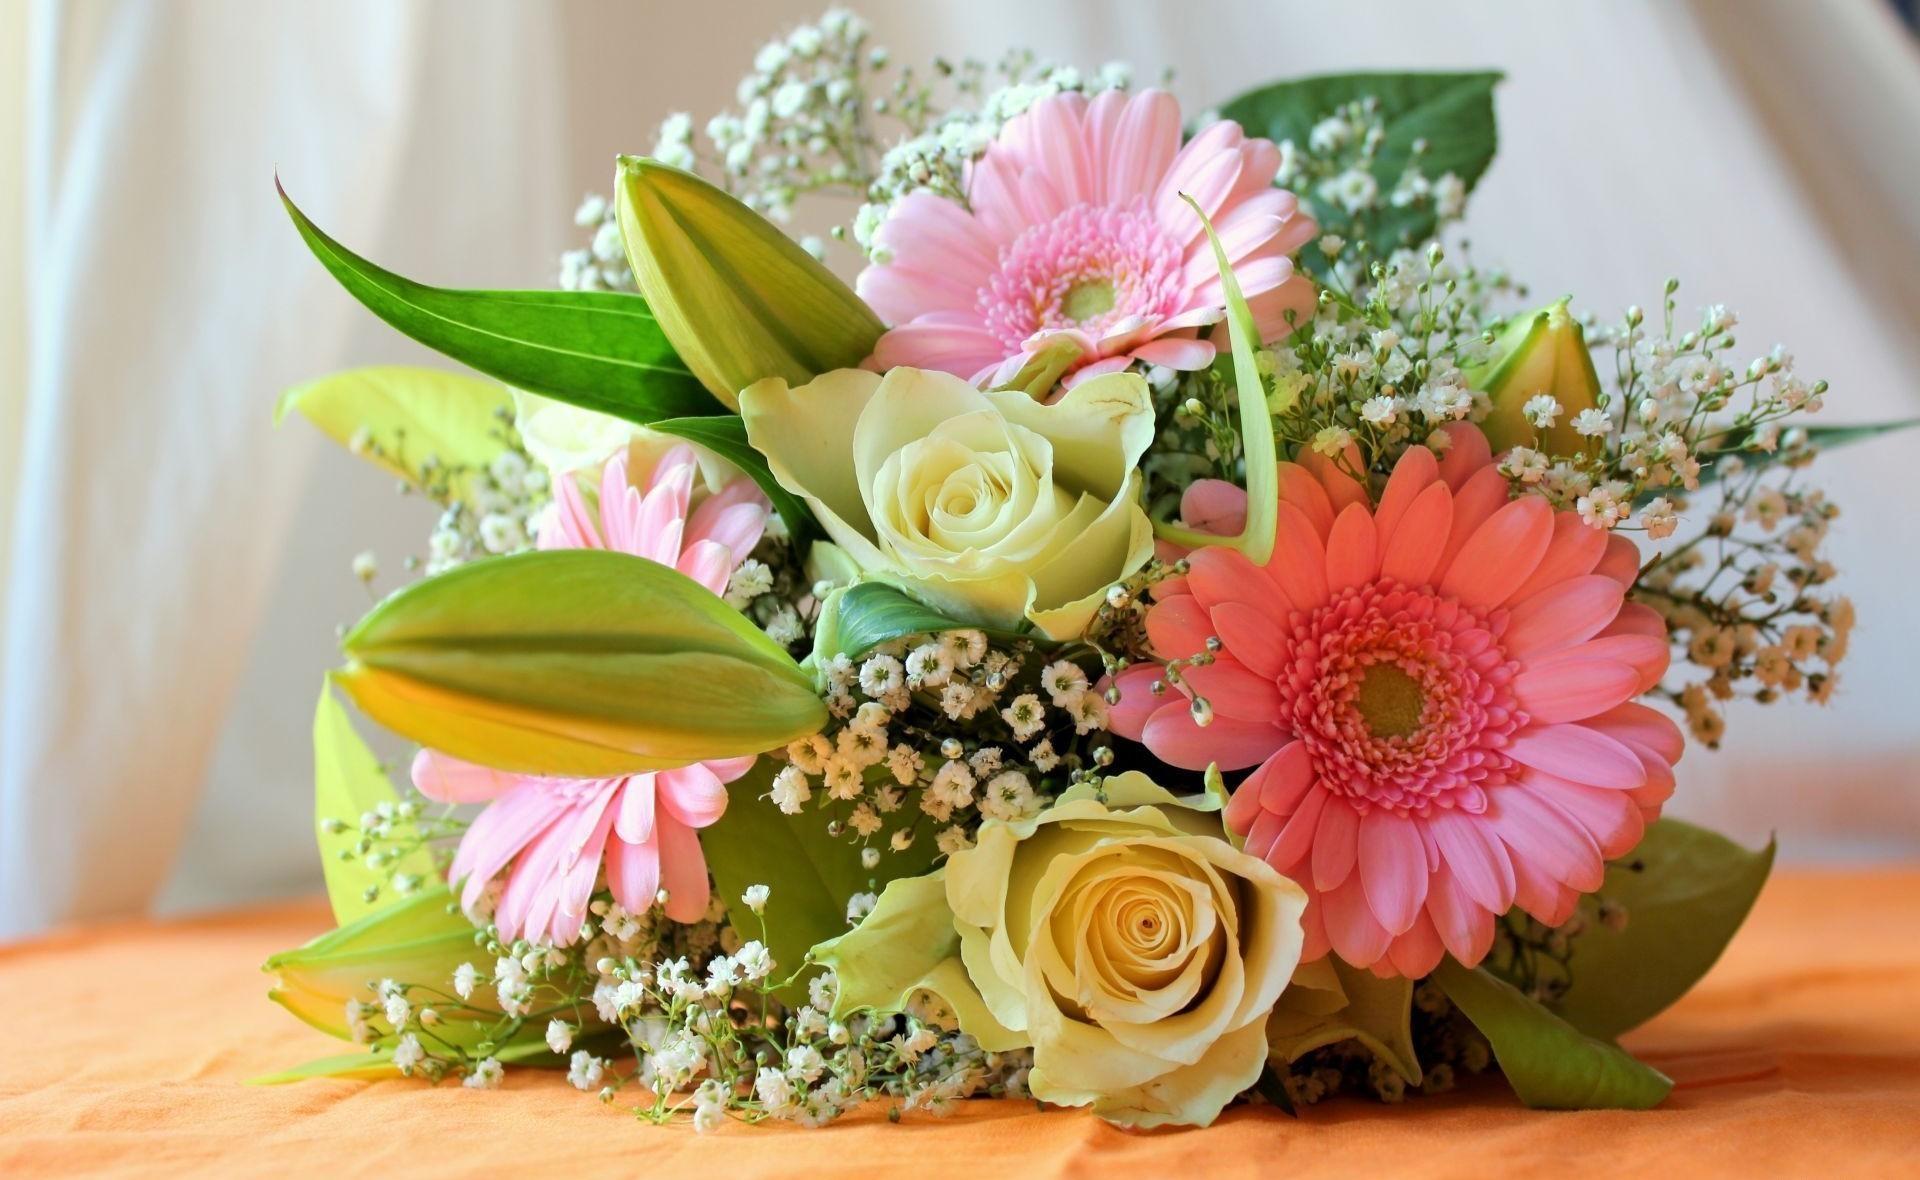 148582 скачать обои Цветы, Гипсофил, Букет, Розы, Герберы - заставки и картинки бесплатно